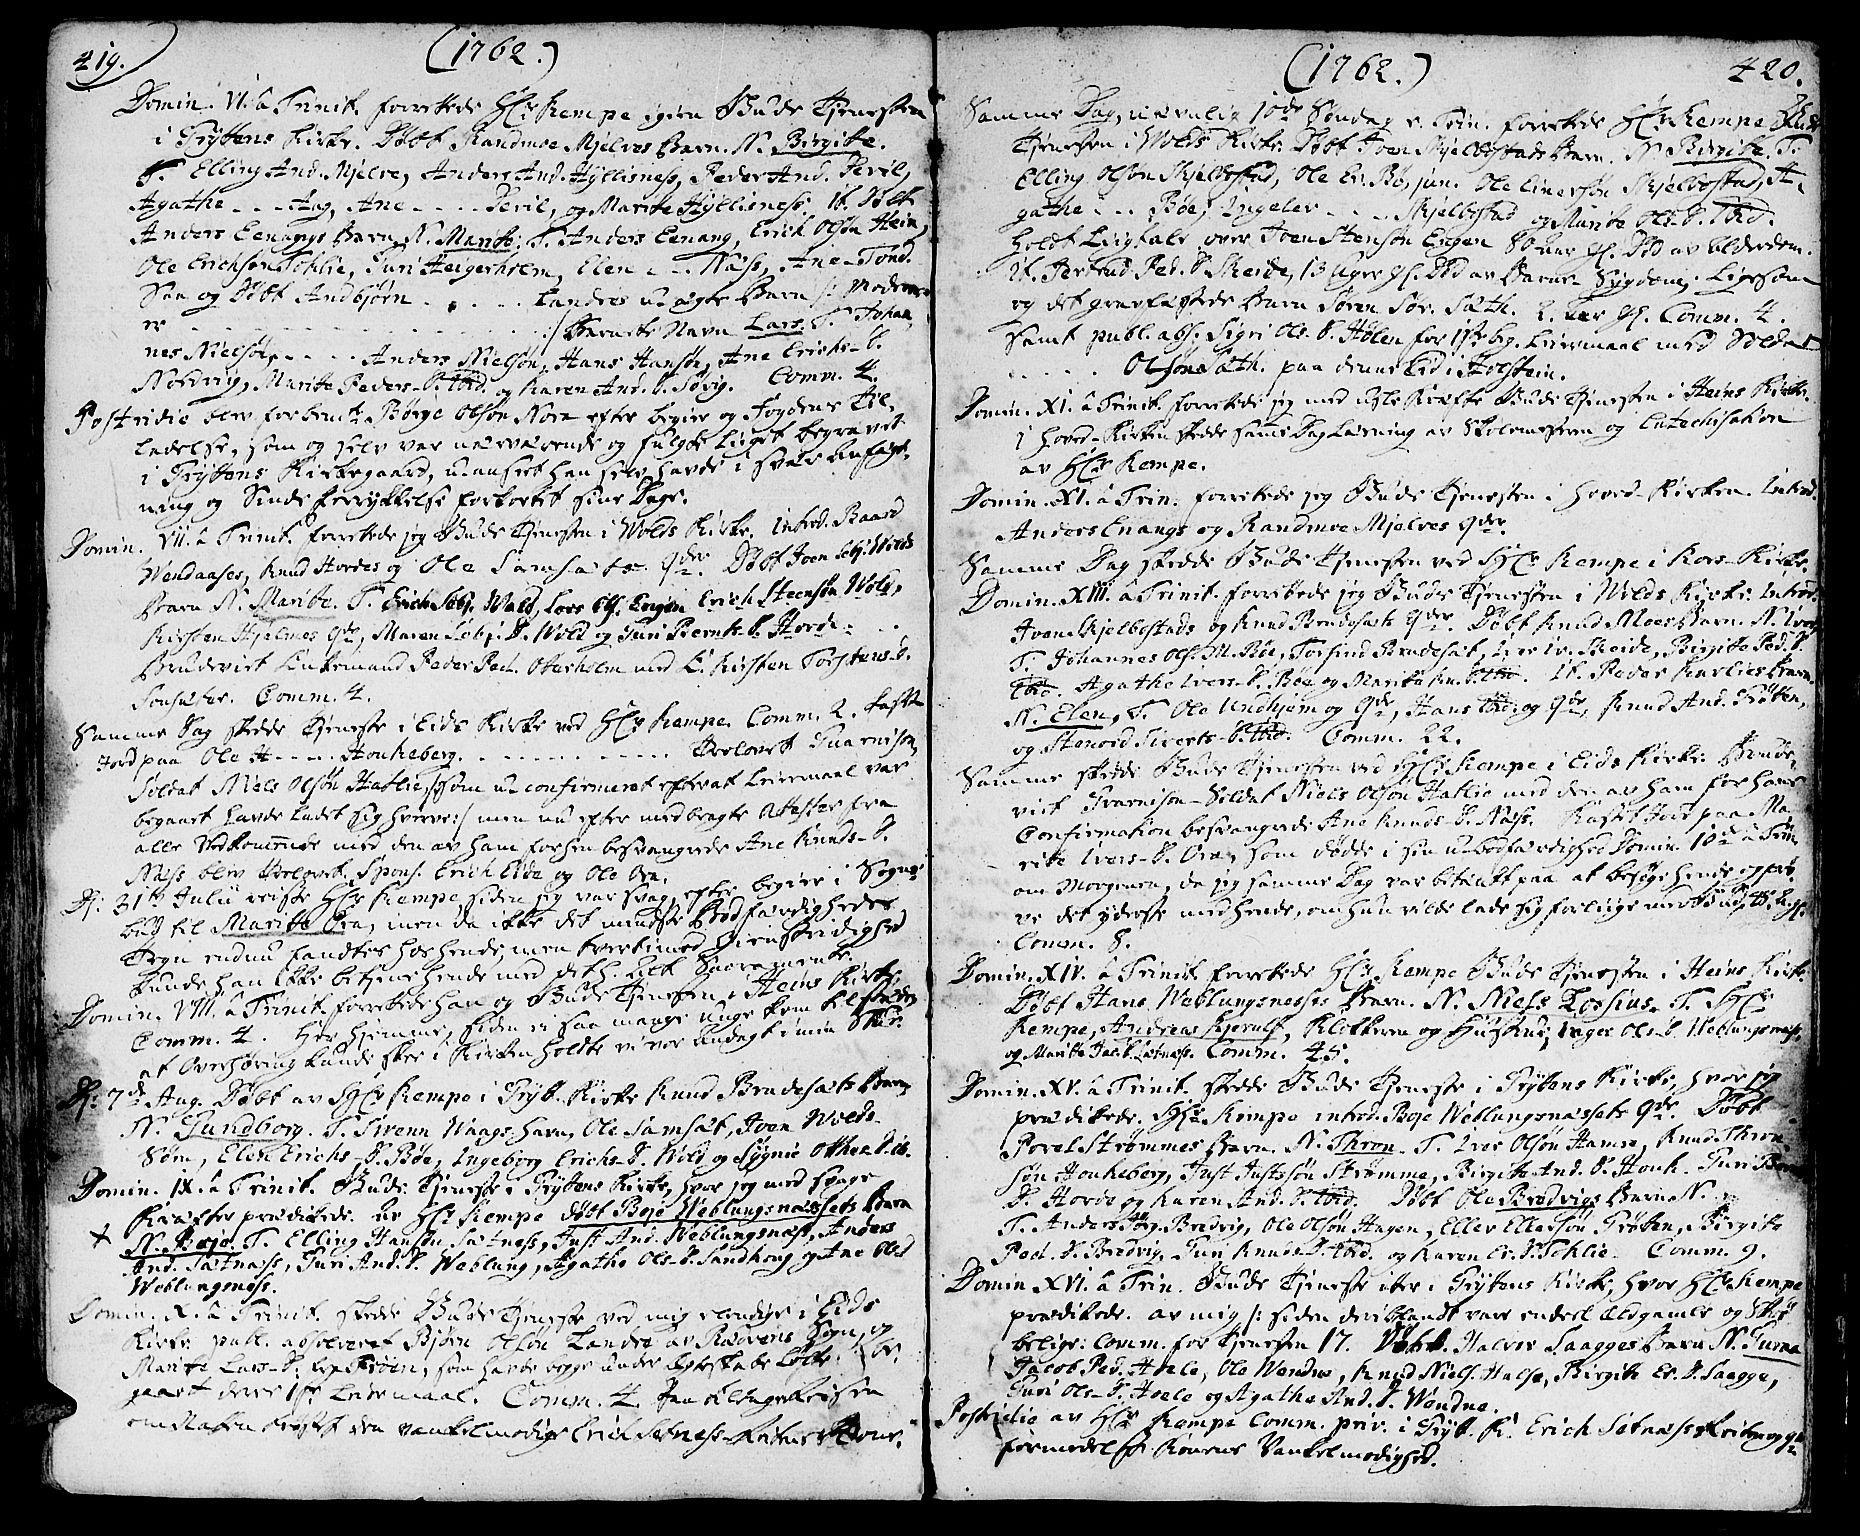 SAT, Ministerialprotokoller, klokkerbøker og fødselsregistre - Møre og Romsdal, 544/L0568: Ministerialbok nr. 544A01, 1725-1763, s. 419-420